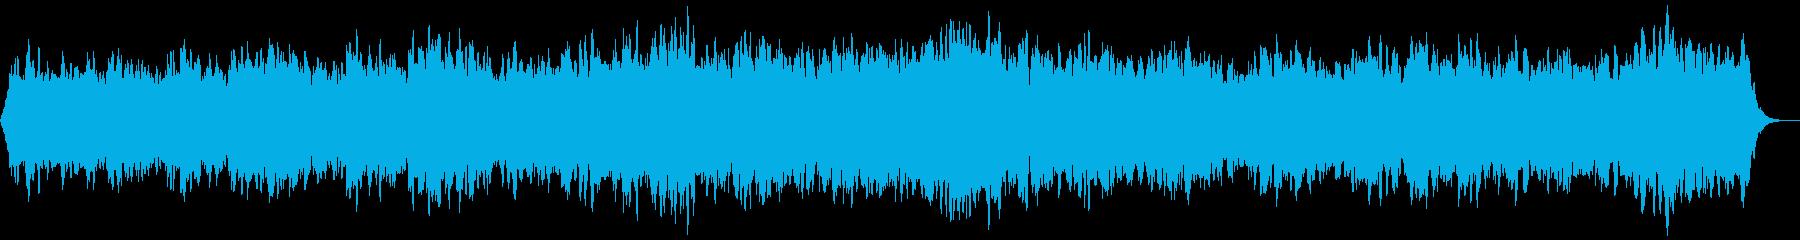 清らかなアカペラ合唱風ヒーリングBGMの再生済みの波形